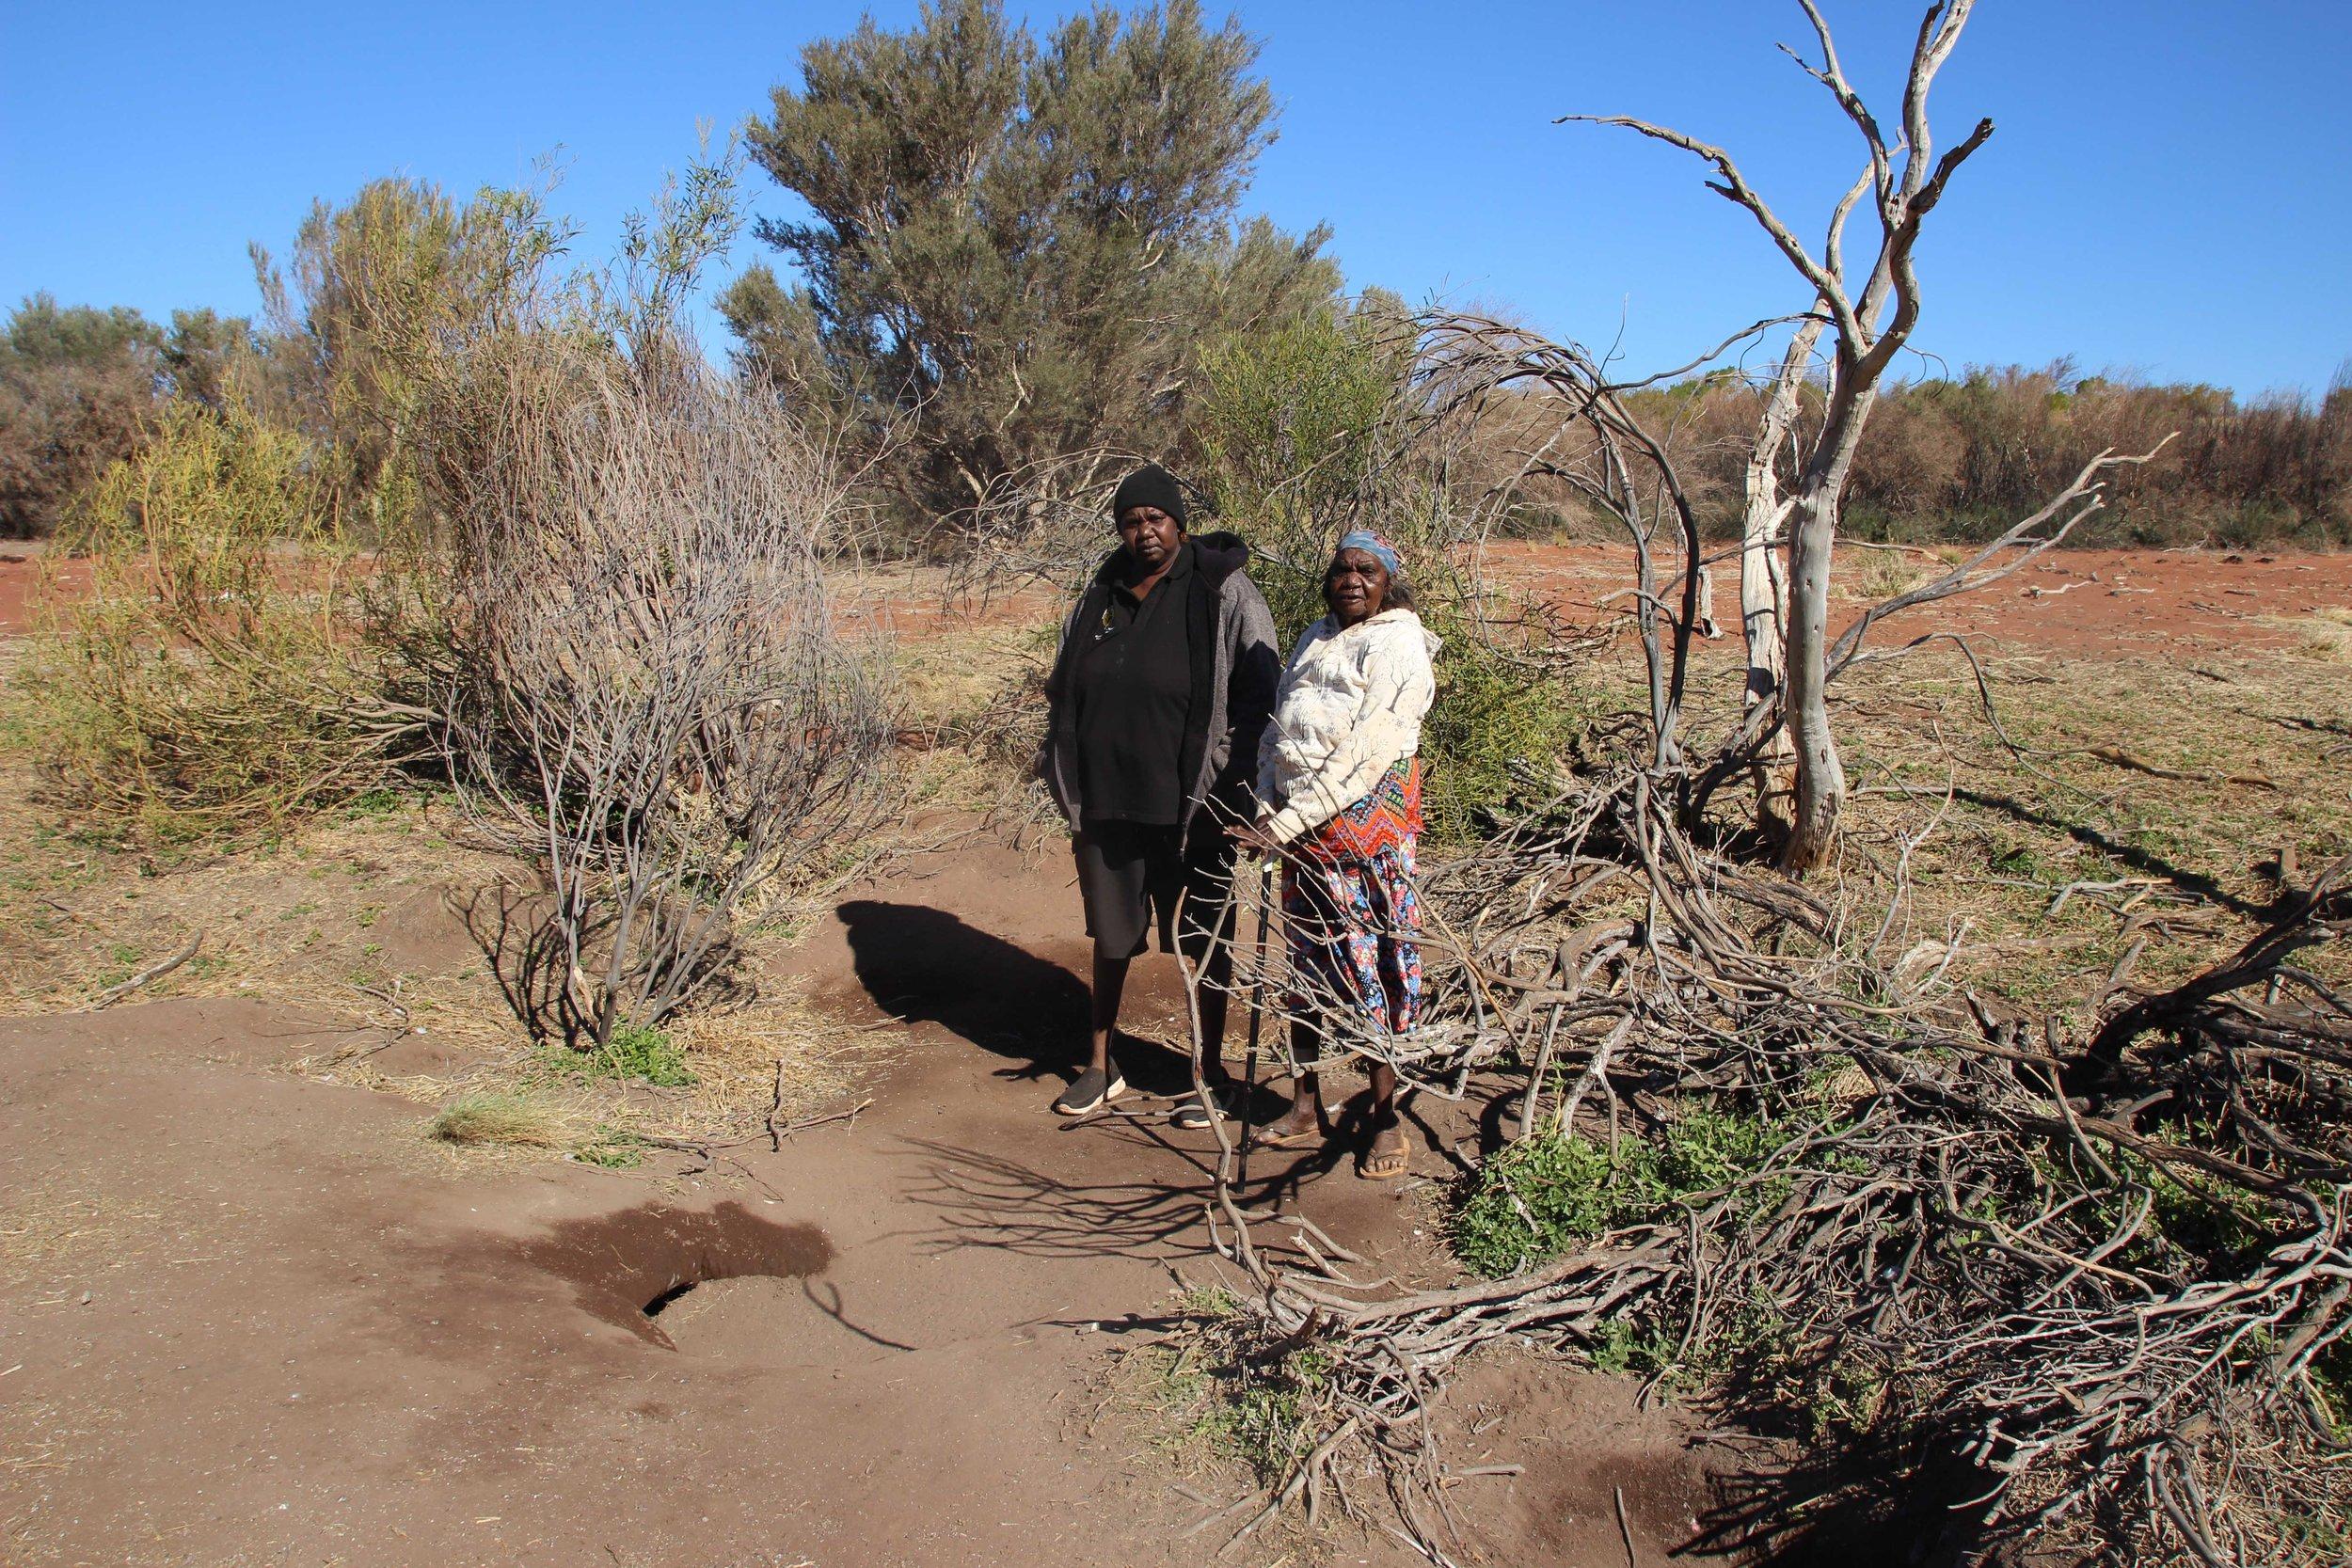 Noelene and Kumpaya at Mukurlan IMG_1831.jpg